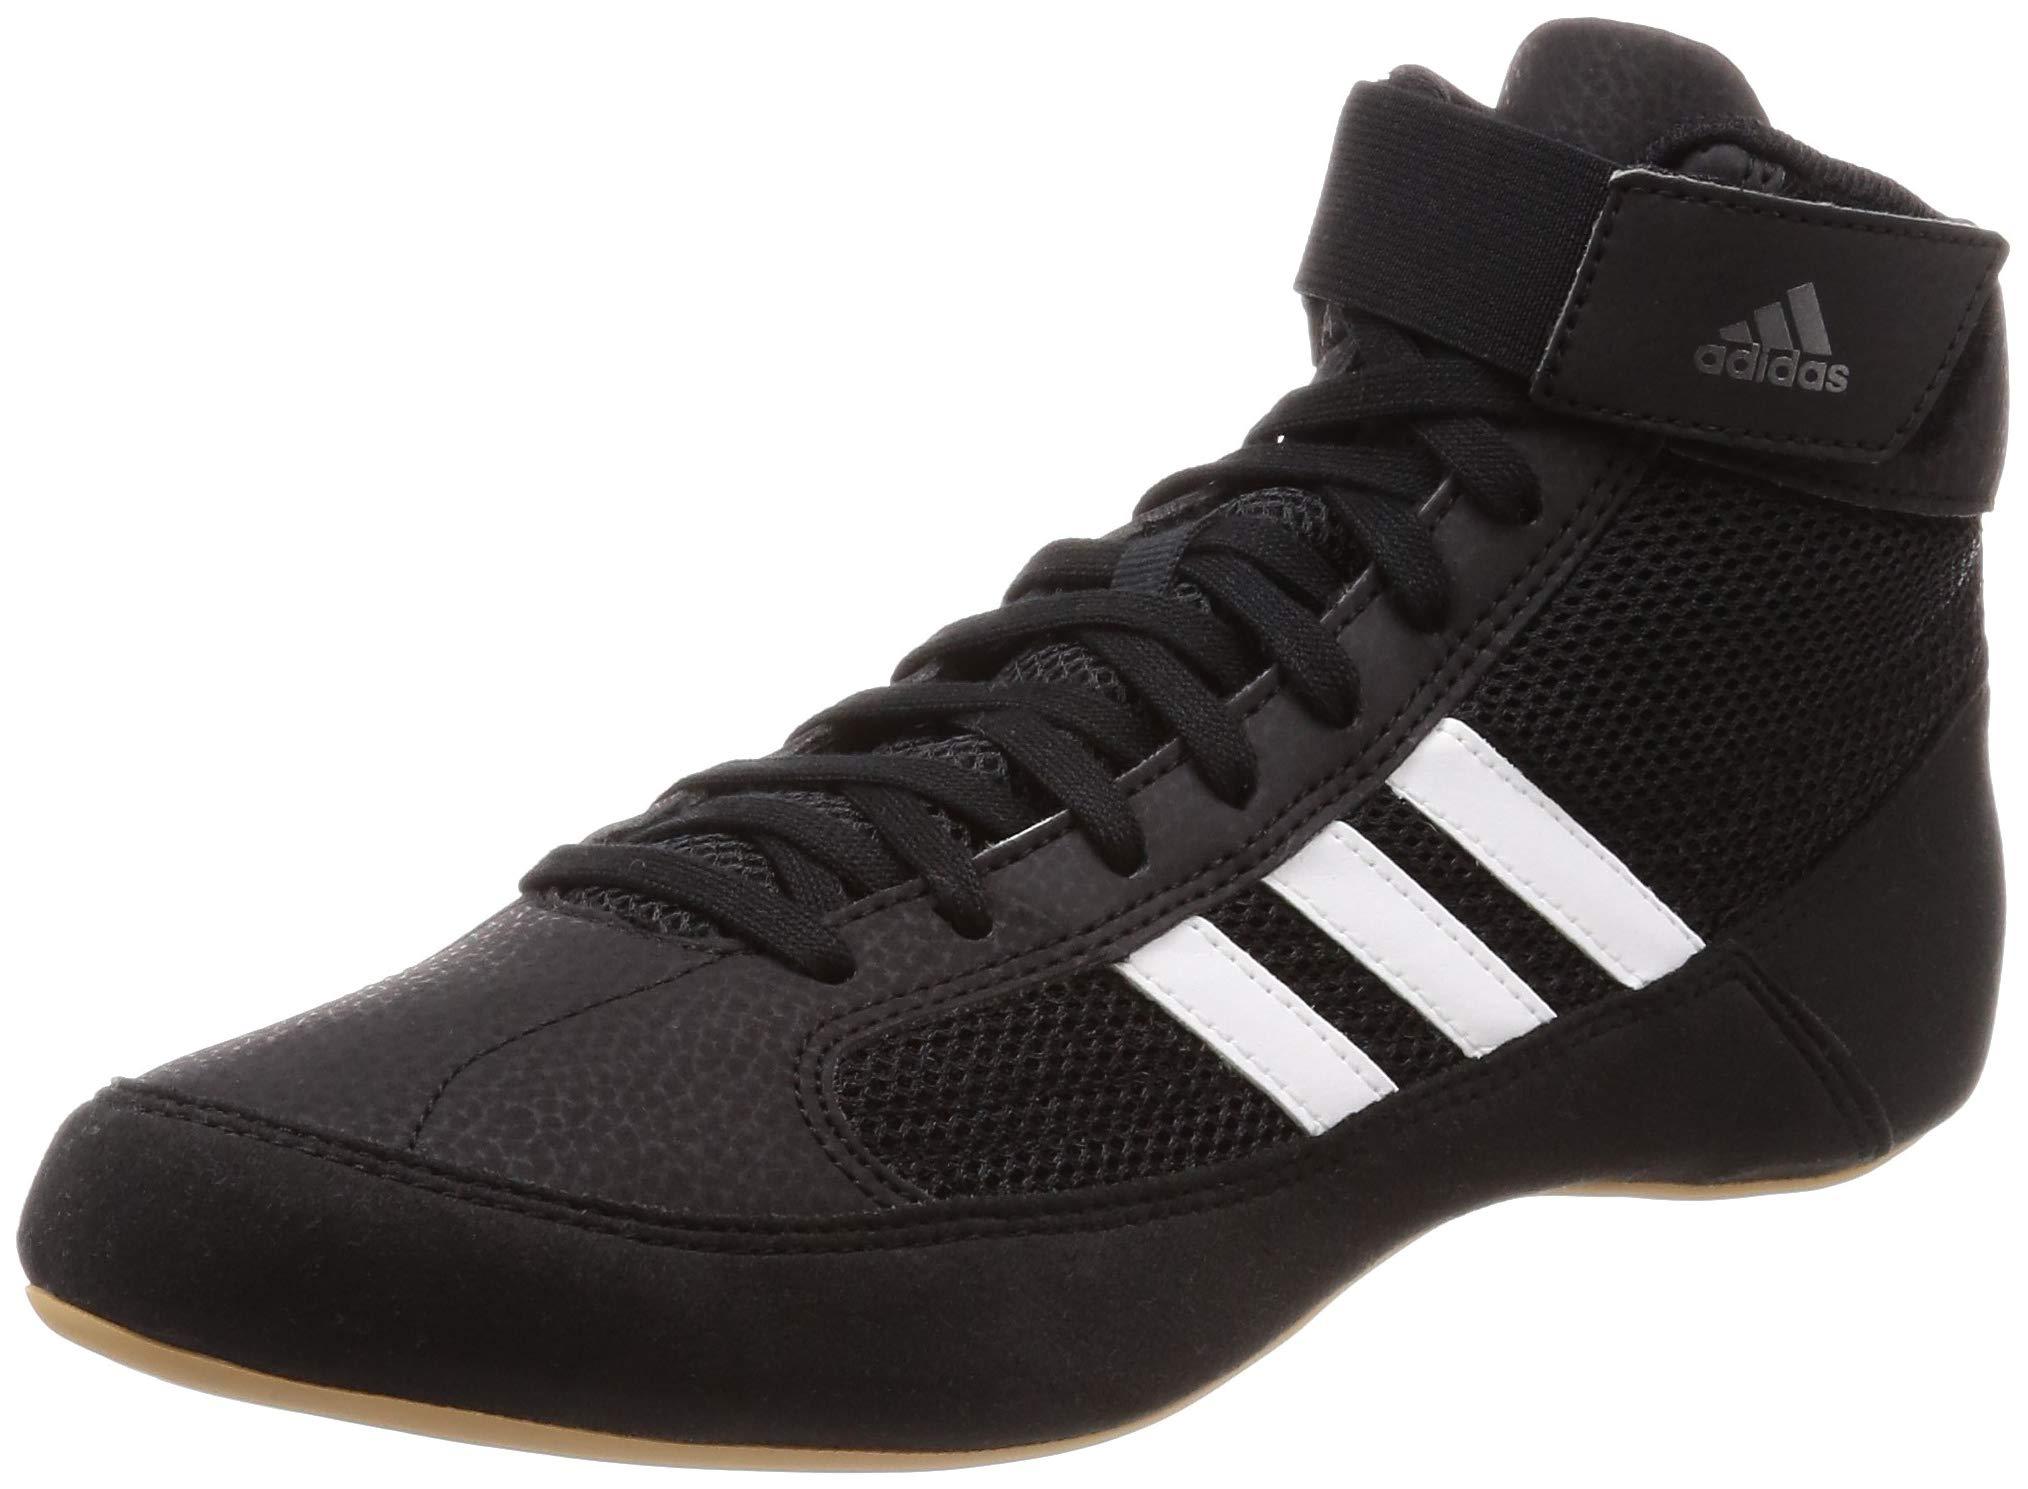 maestría Marte cinturón  adidas Aq3325 Wrestling Shoes- Buy Online in Cambodia at Desertcart